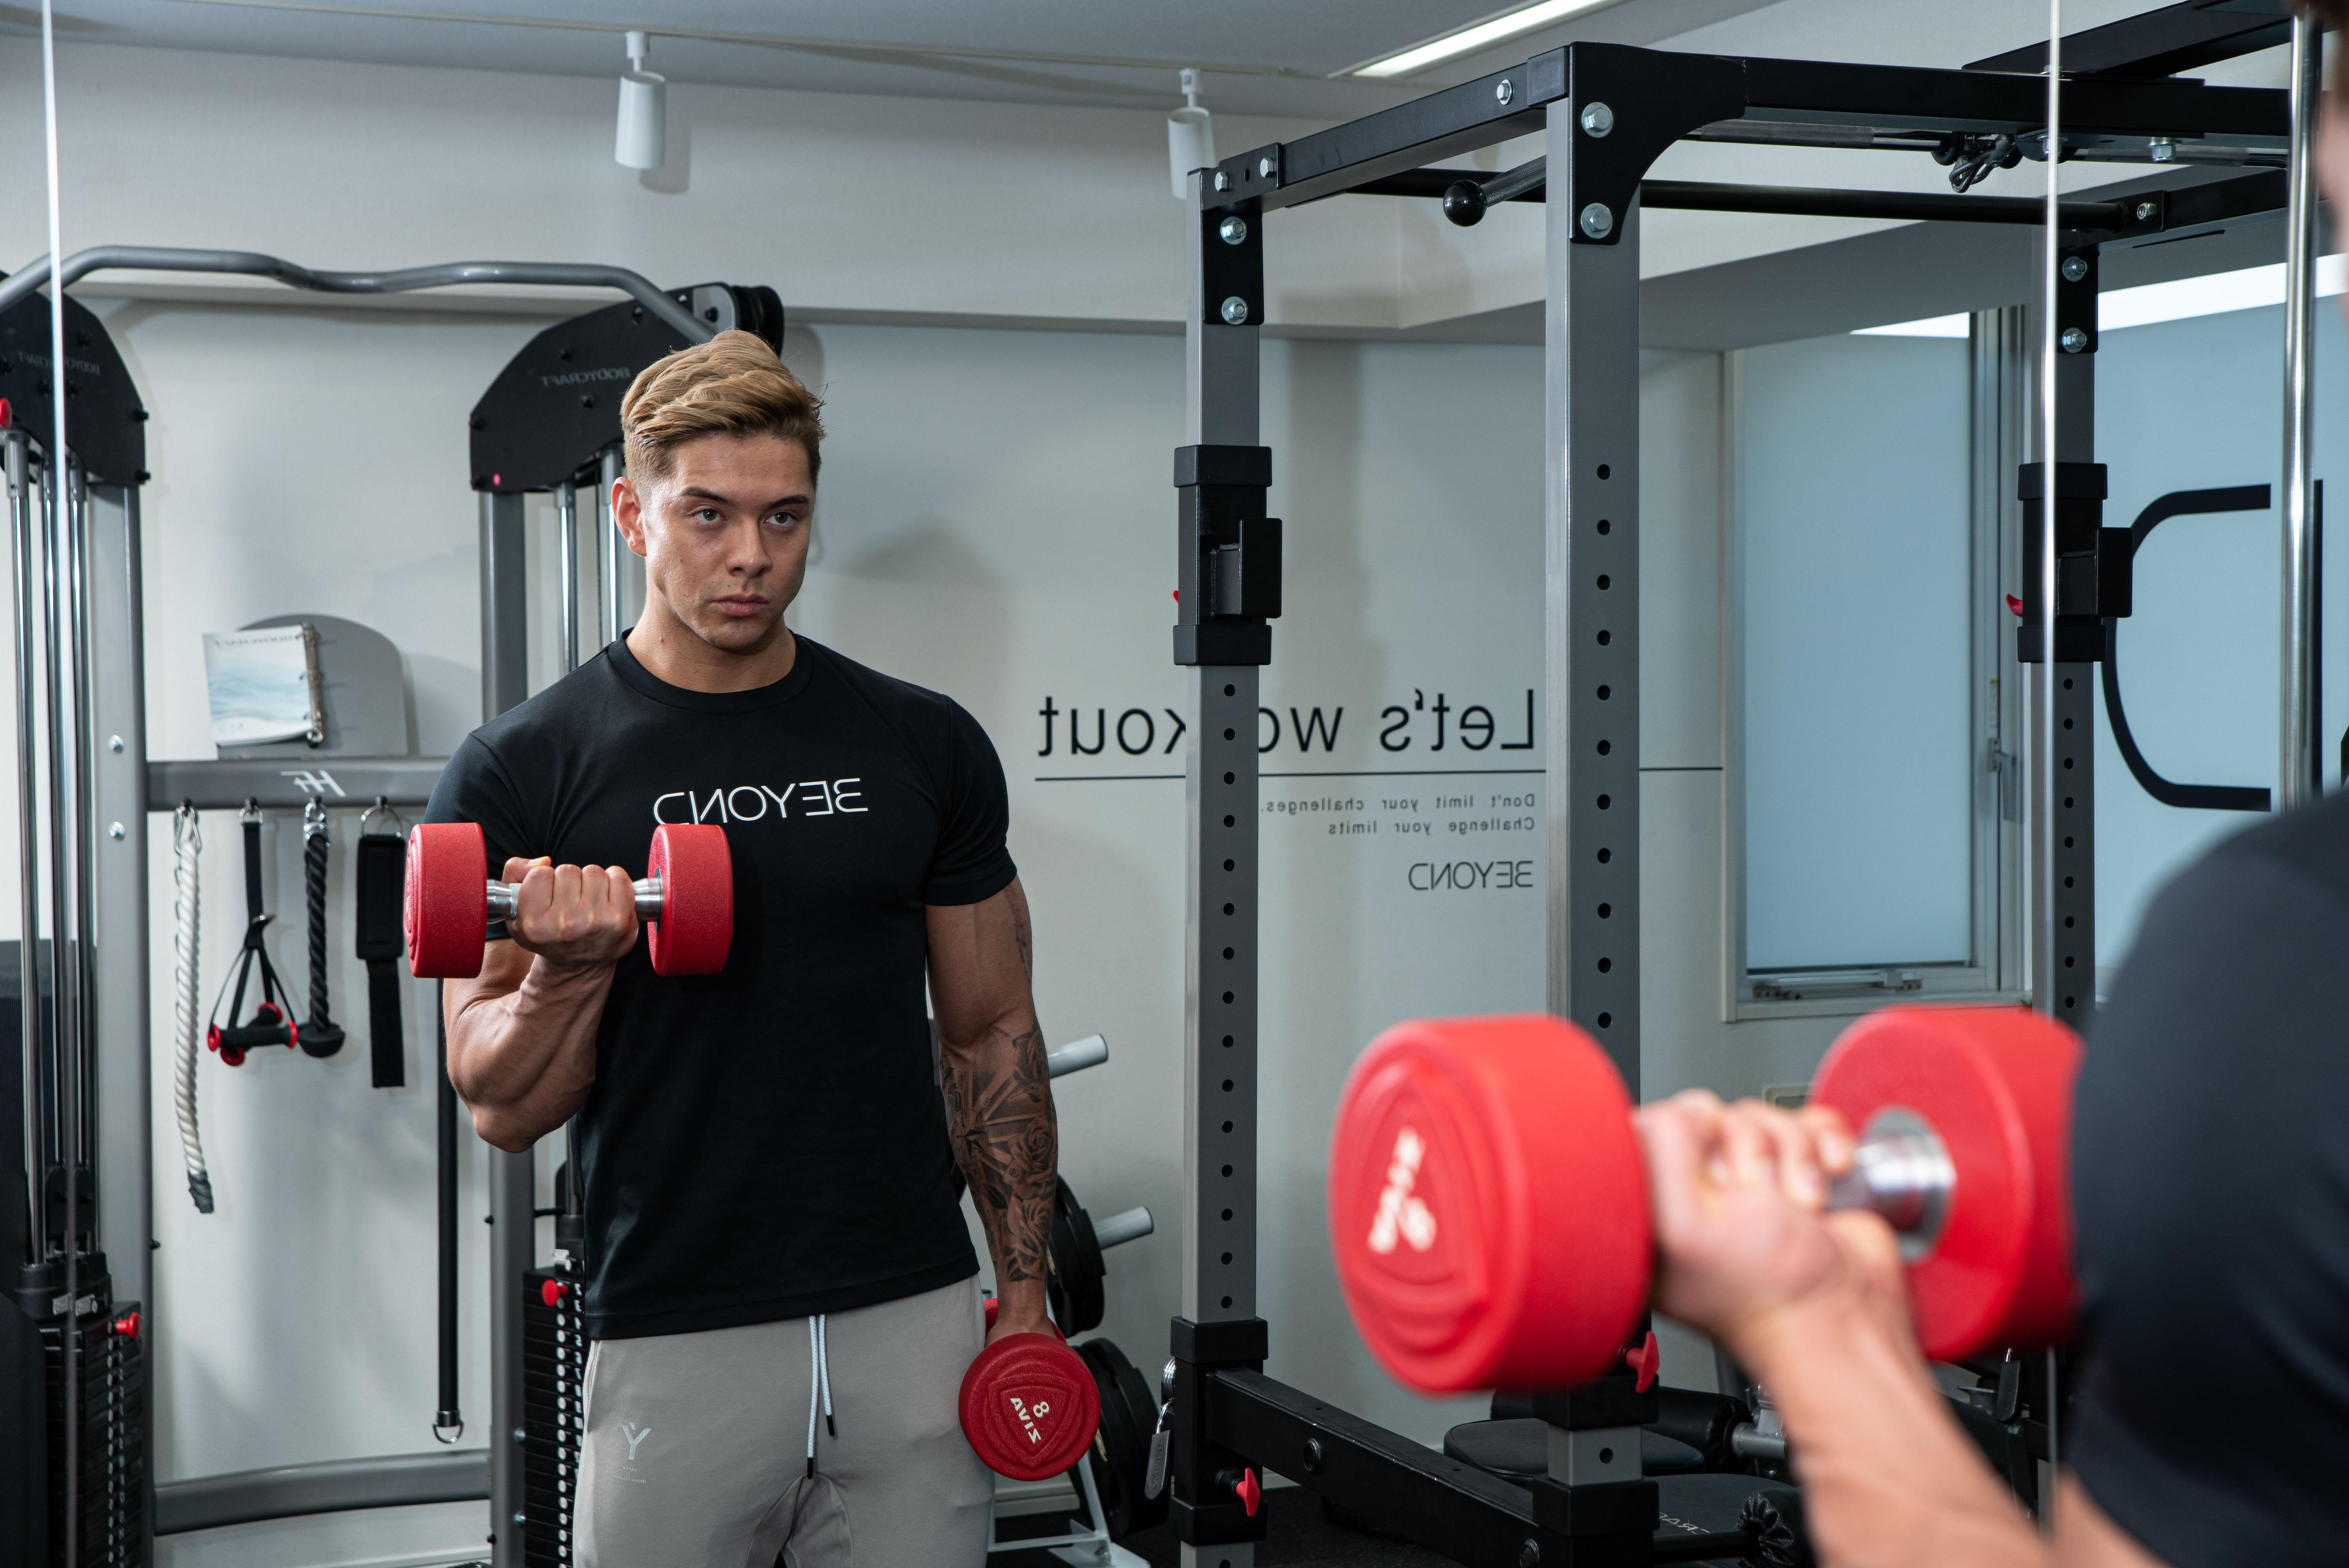 ビヨンドジムエドワード加藤のトレーニング写真